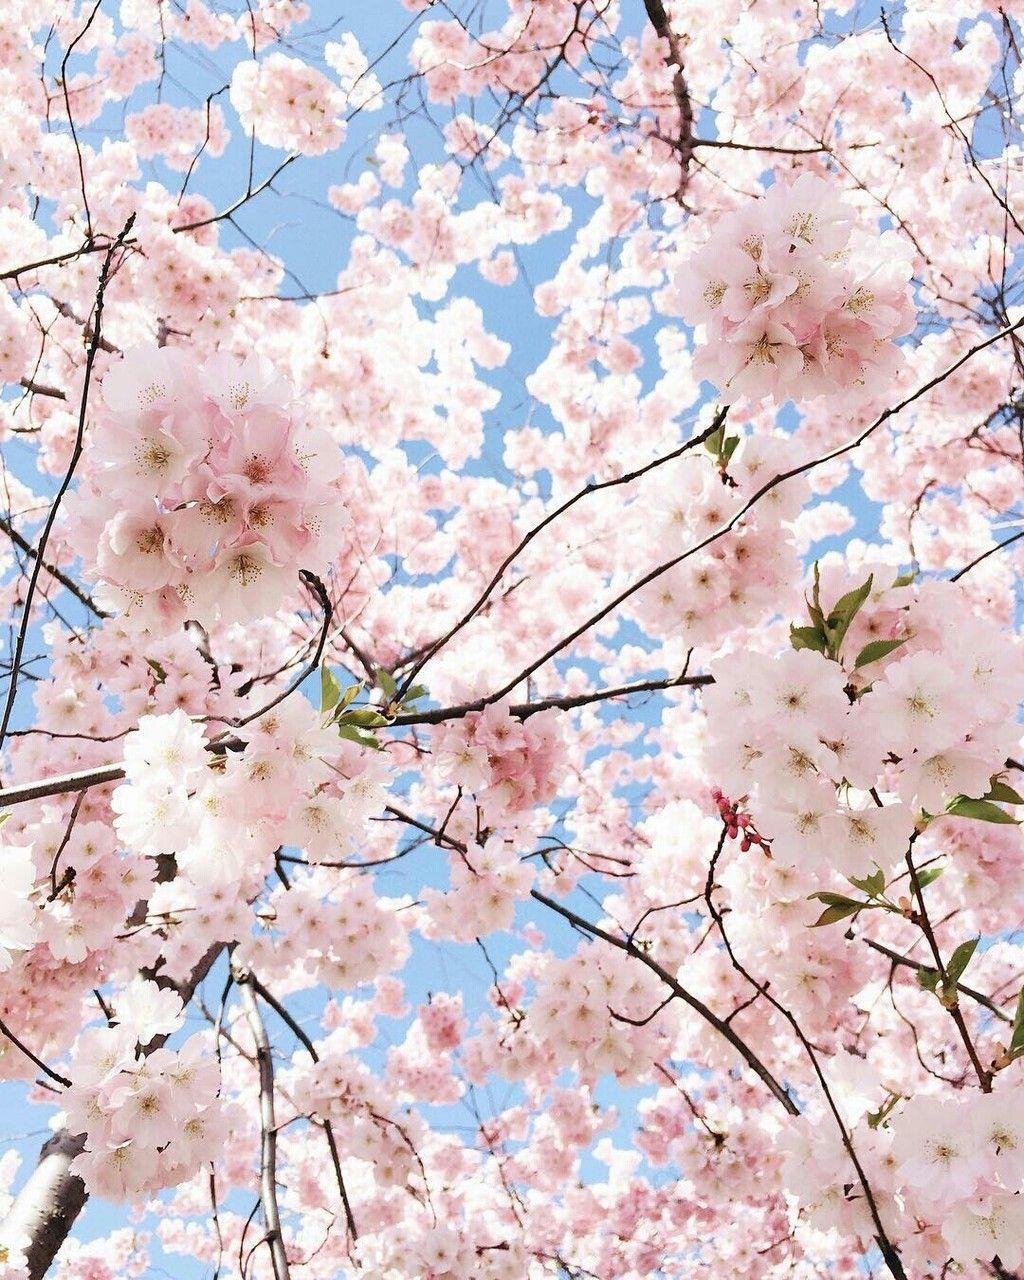 Upptack Och Dela De Allra Vackraste Bilderna Fran Hela Varlden Pastel Pink Aesthetic Aesthetic Pastel Wallpaper Flower Aesthetic